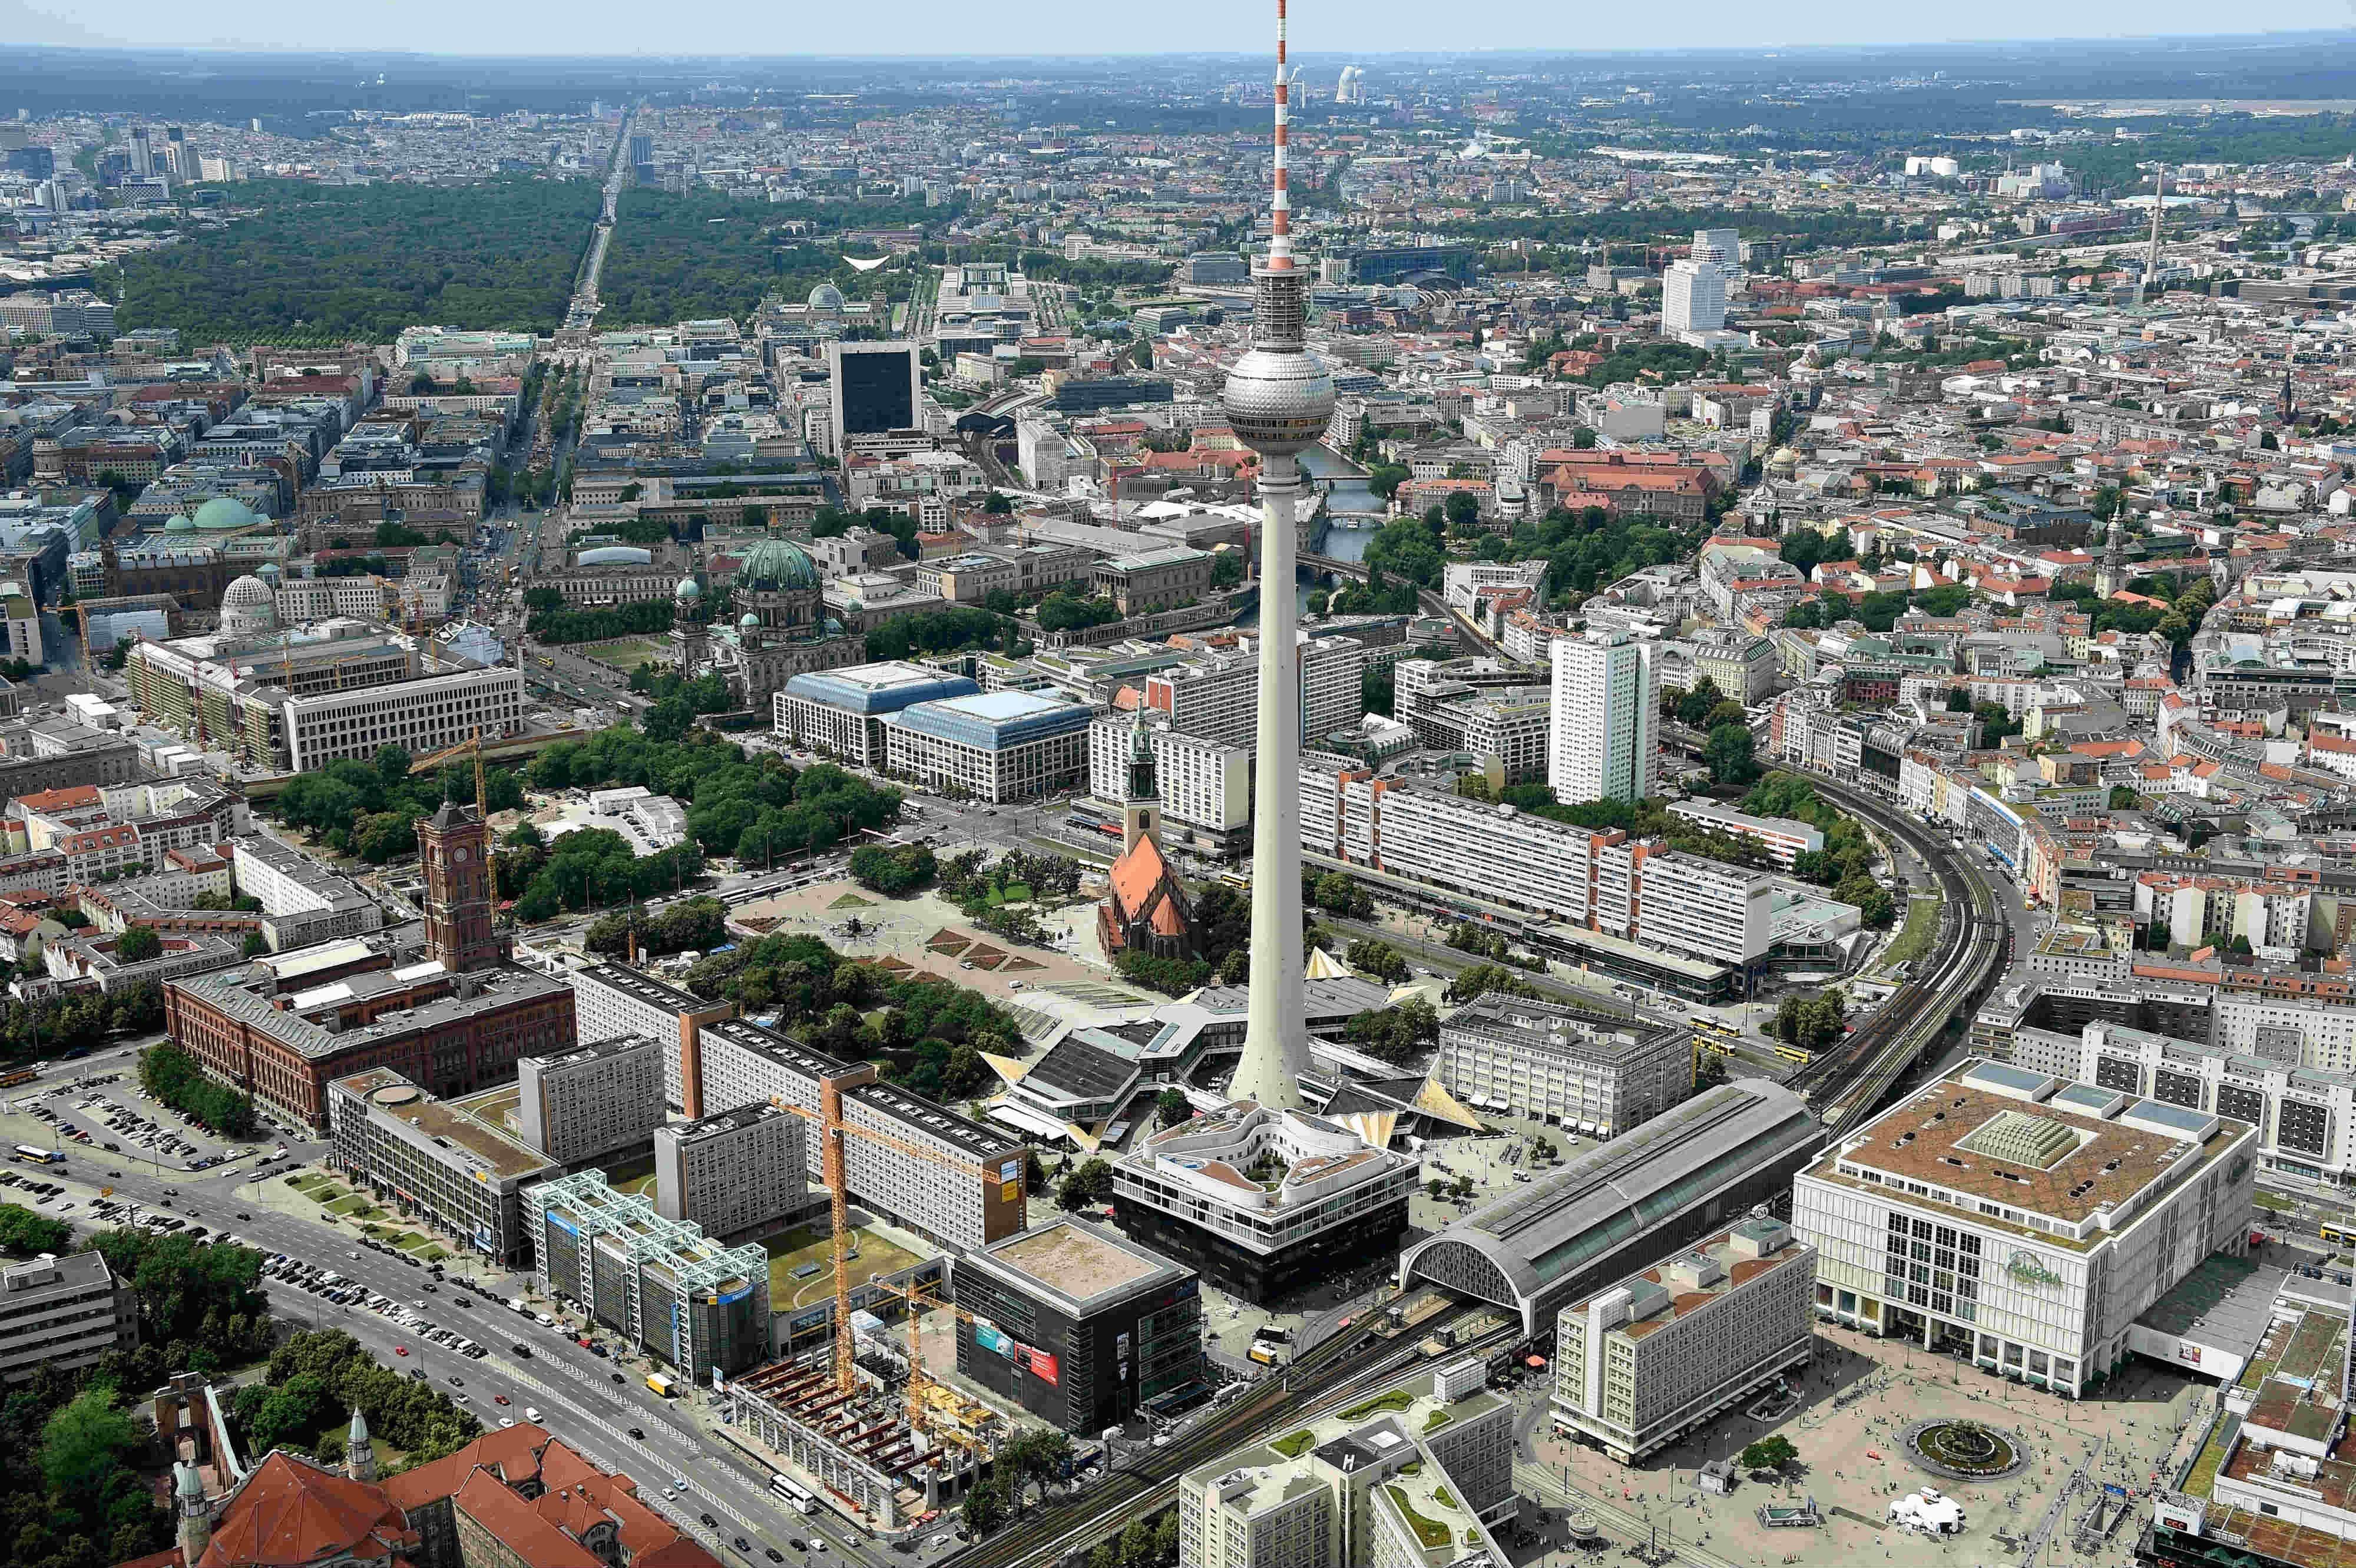 Berlin Von Oben Aus Einem Zeppelin Berlin Von Oben Berlin Stadt Berlin